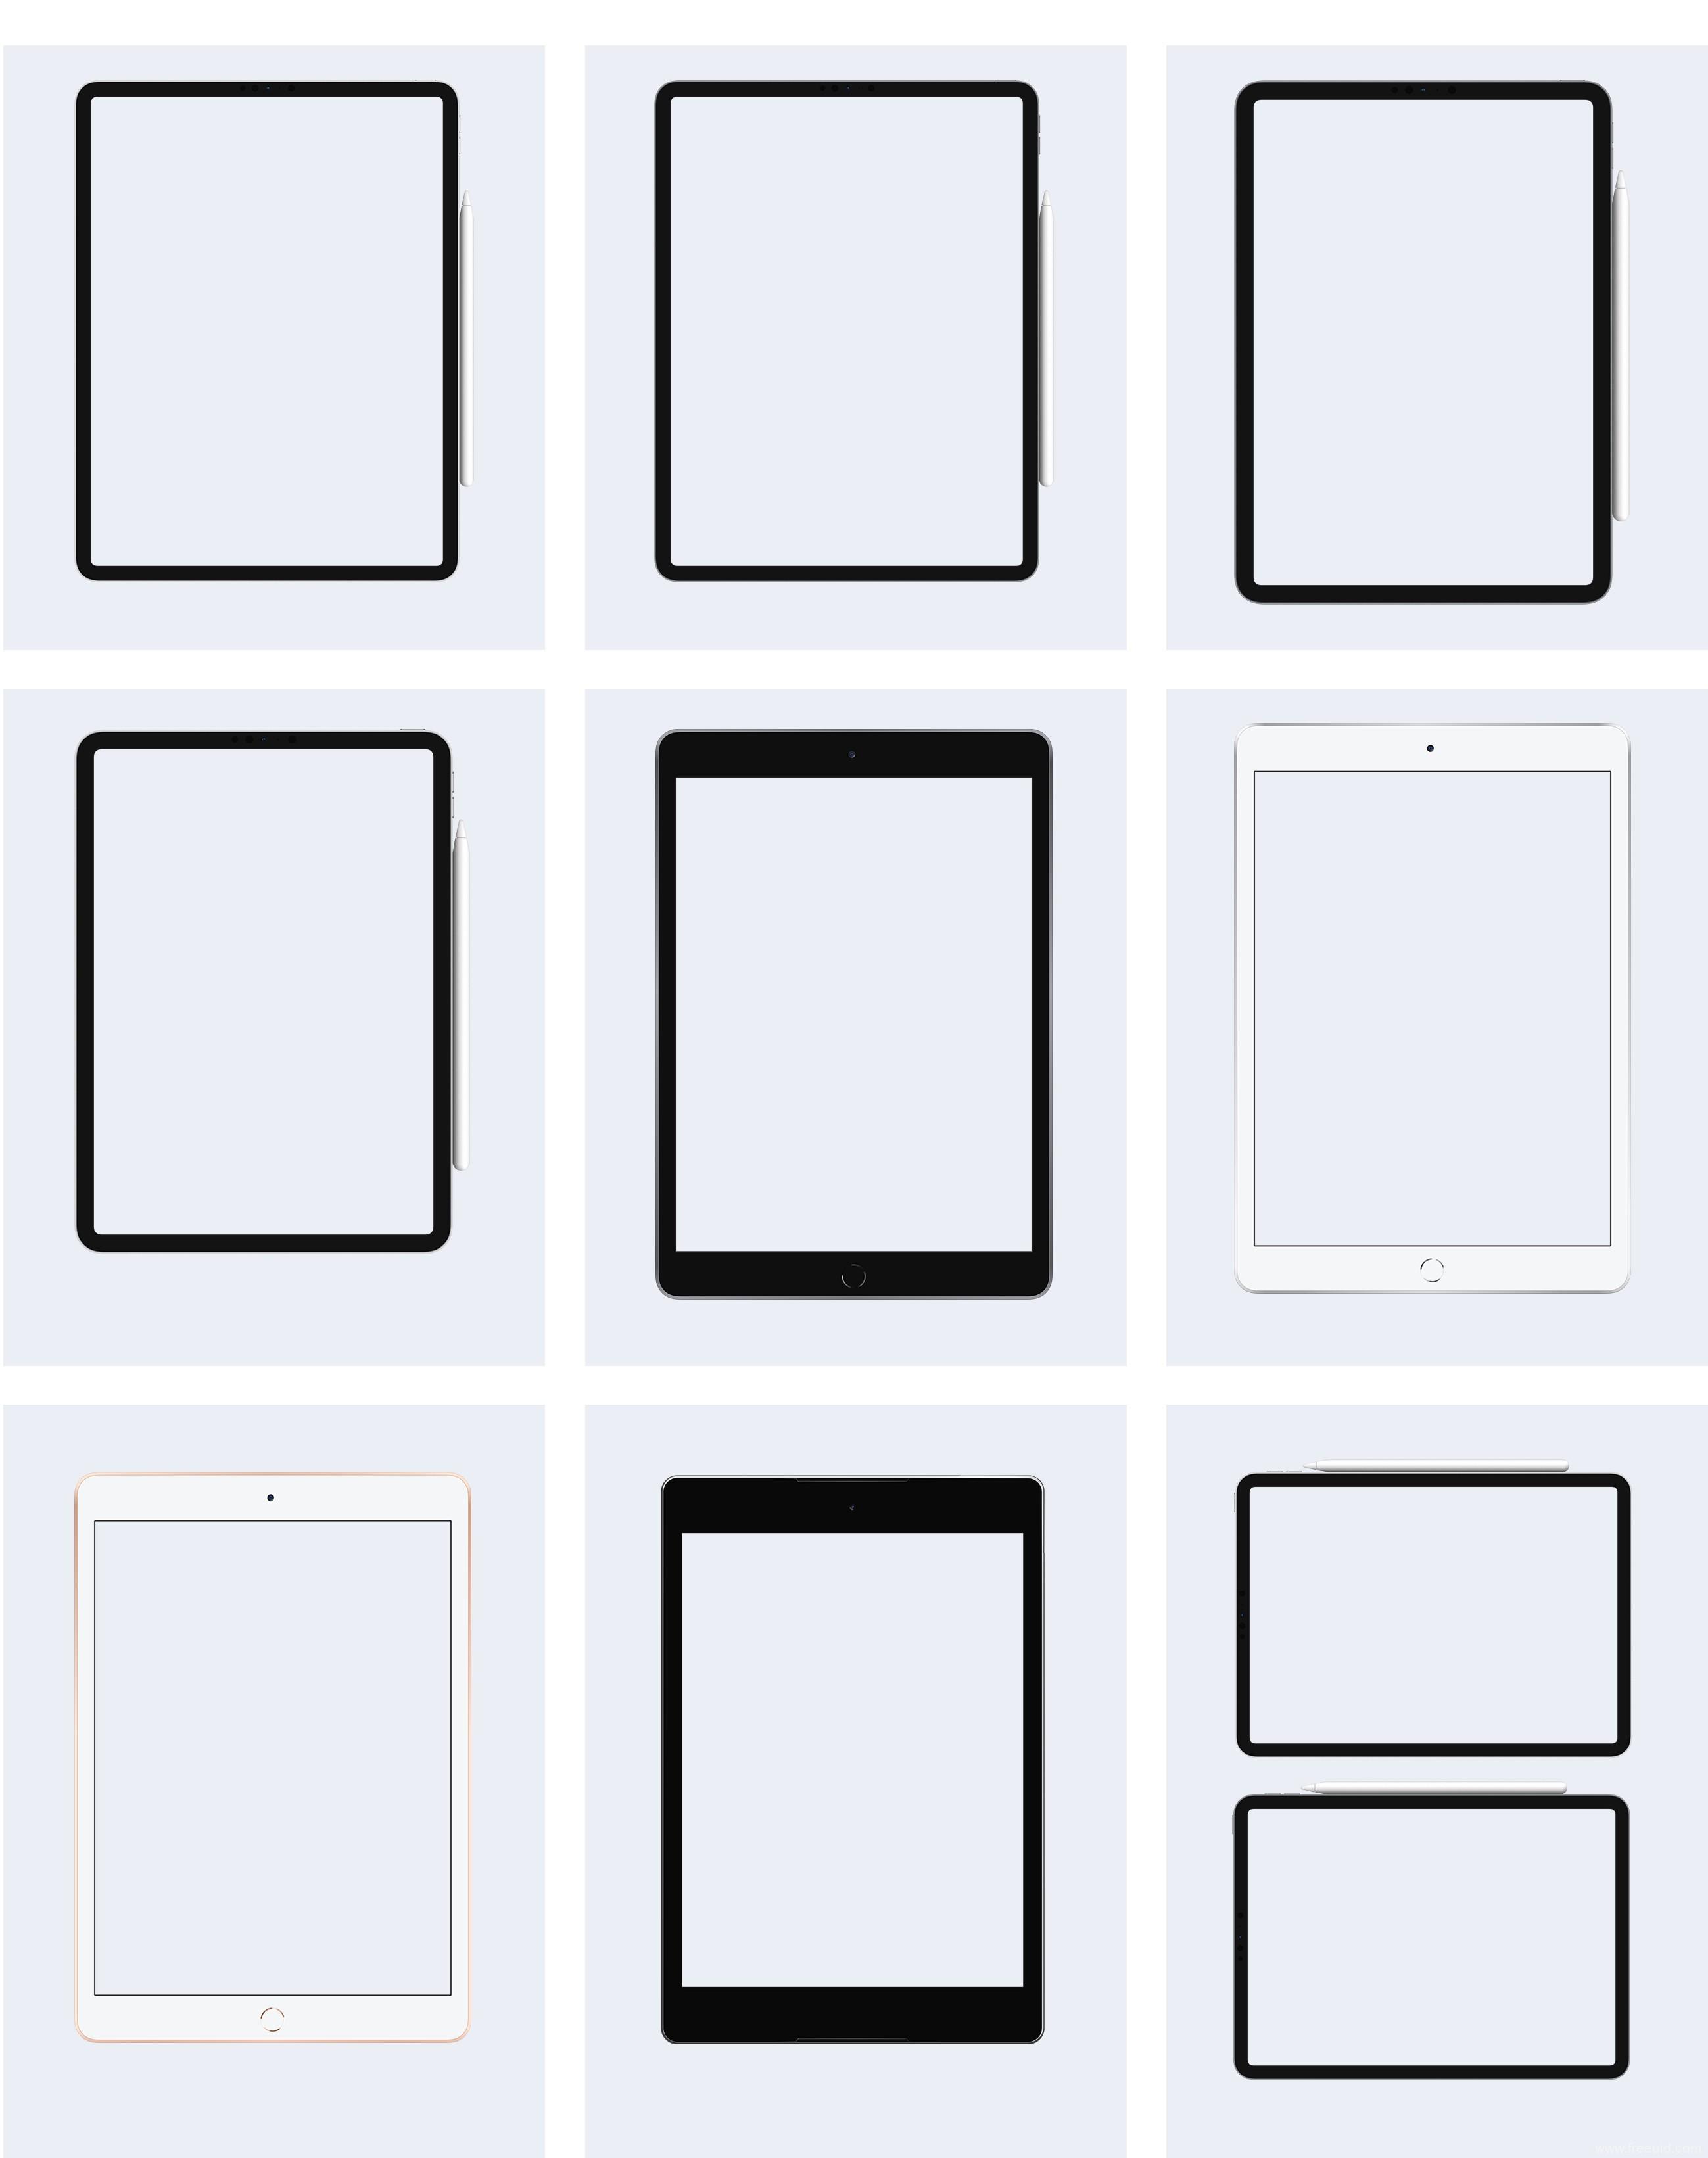 超全(Apple ipad+Microsoft+Nexus)平板电脑样机展示sketch源文件下载